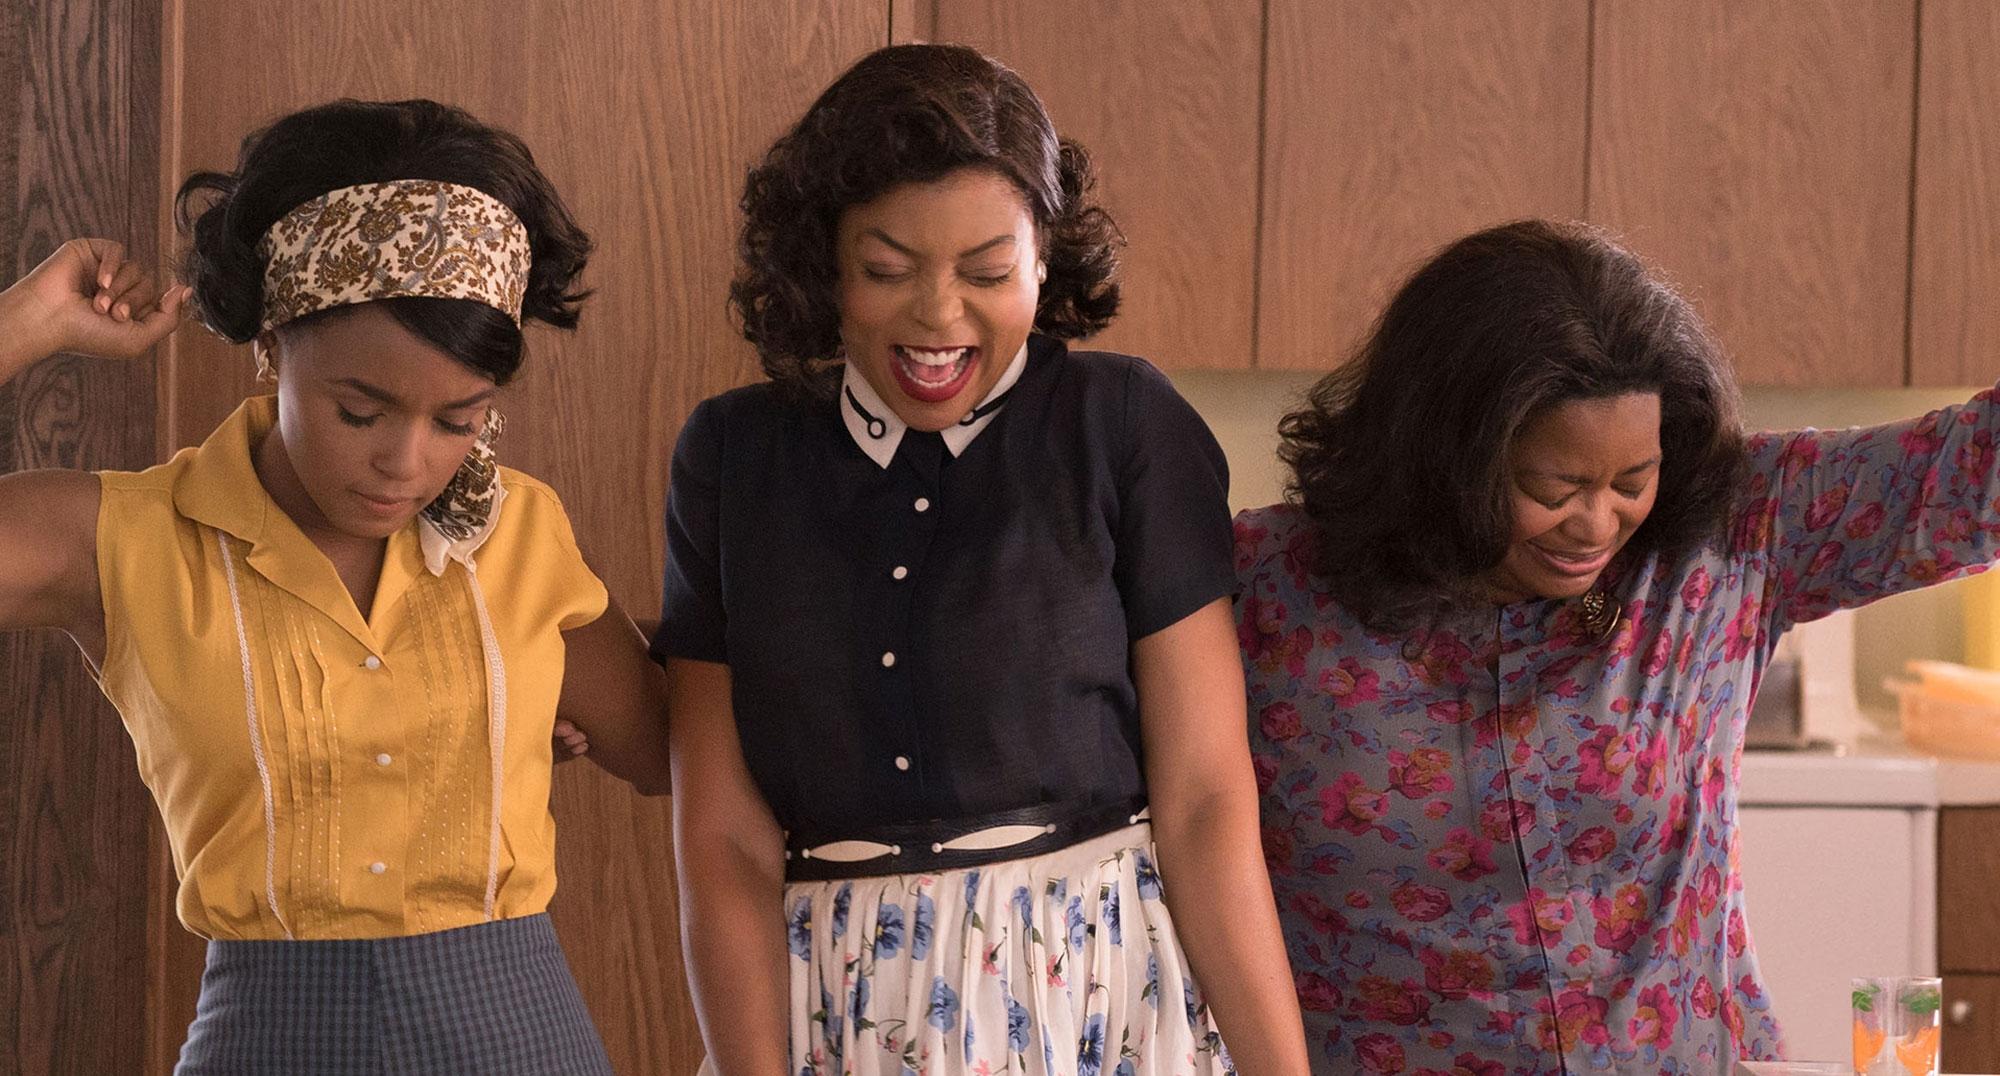 PÚBLICO - Mais mulheres no cinema americano, mas diversidade ainda está longe